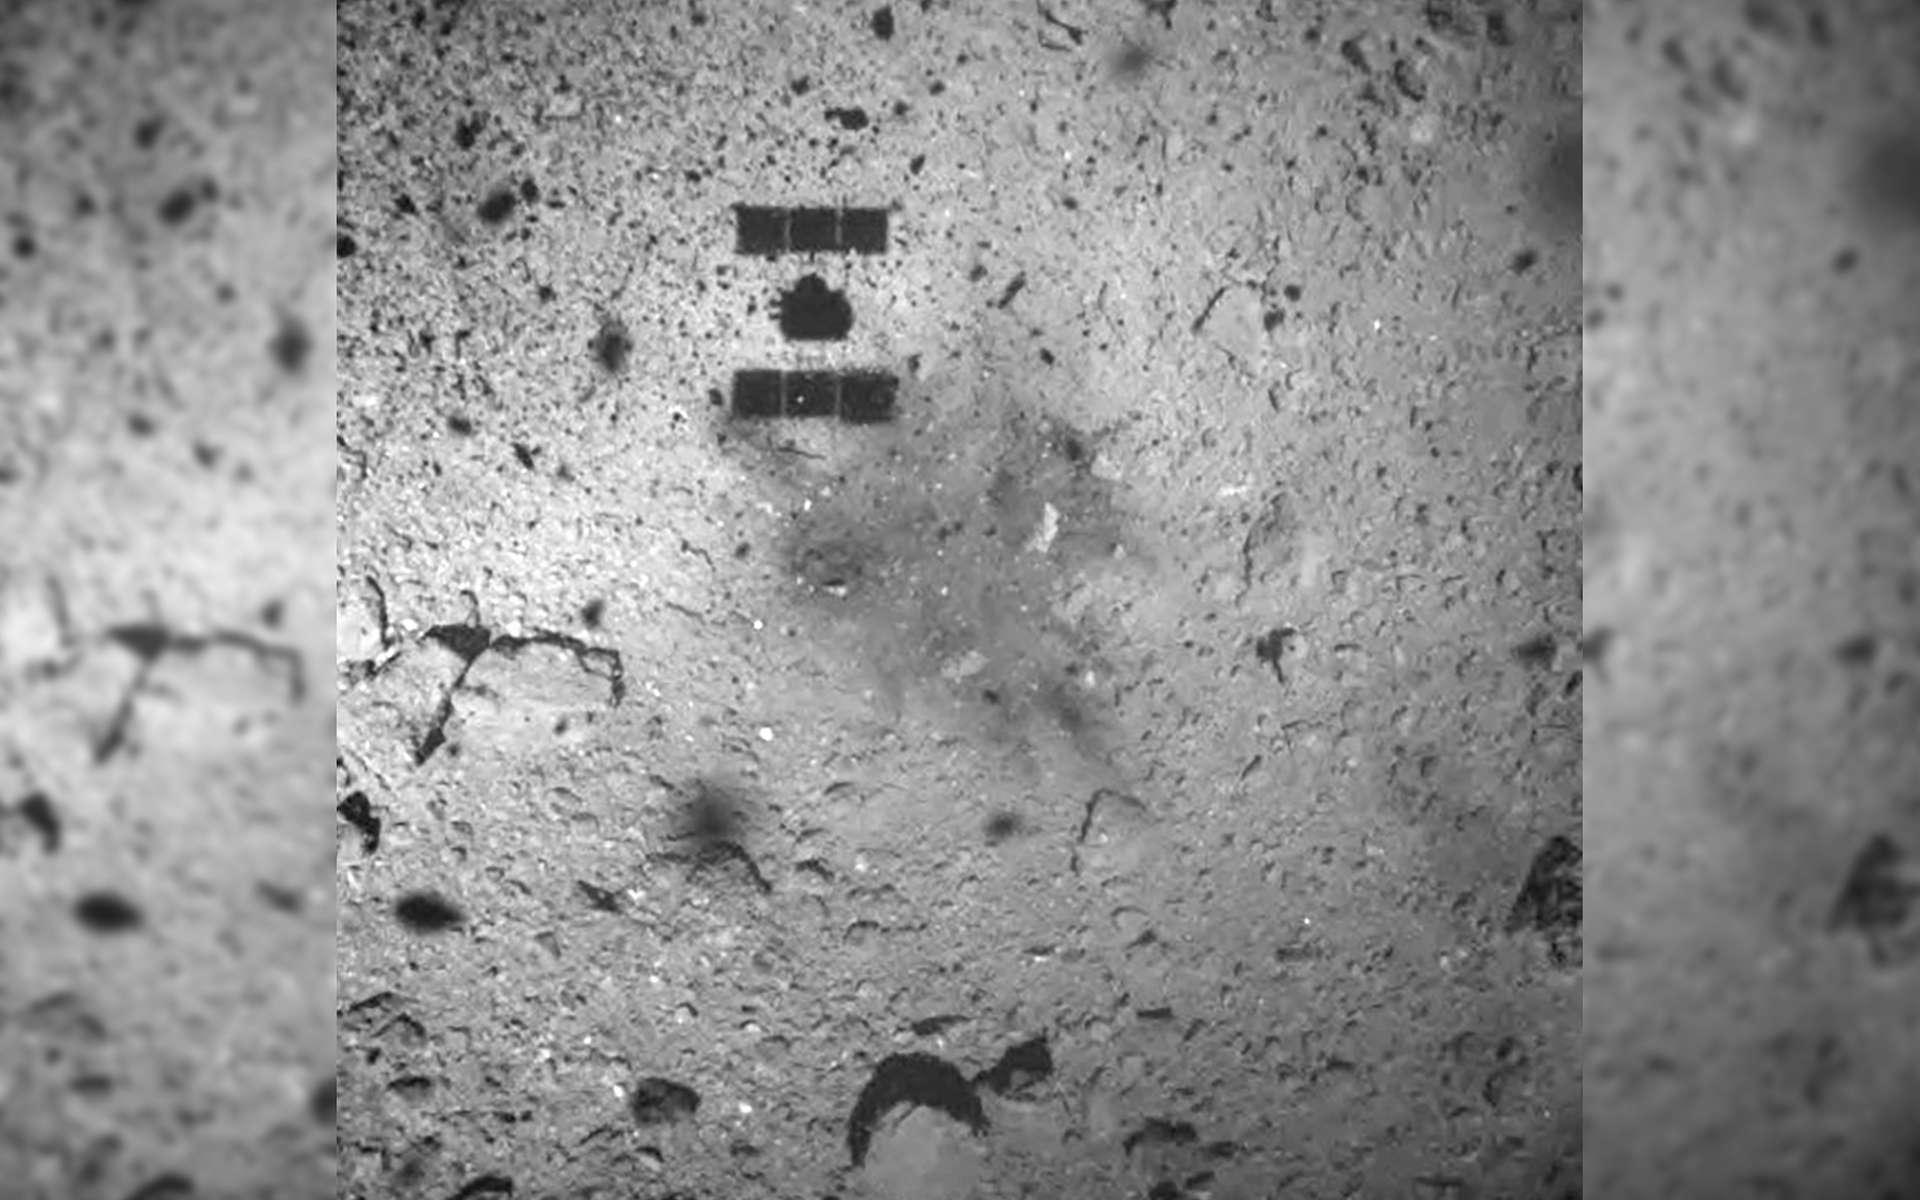 La sonde Hayabusa-2 lors de sa descente pour réaliser un « touch-down » et récupérer des échantillons de l'astéroïde Ryugu. © Jaxa, Hayabusa-2 Science Team